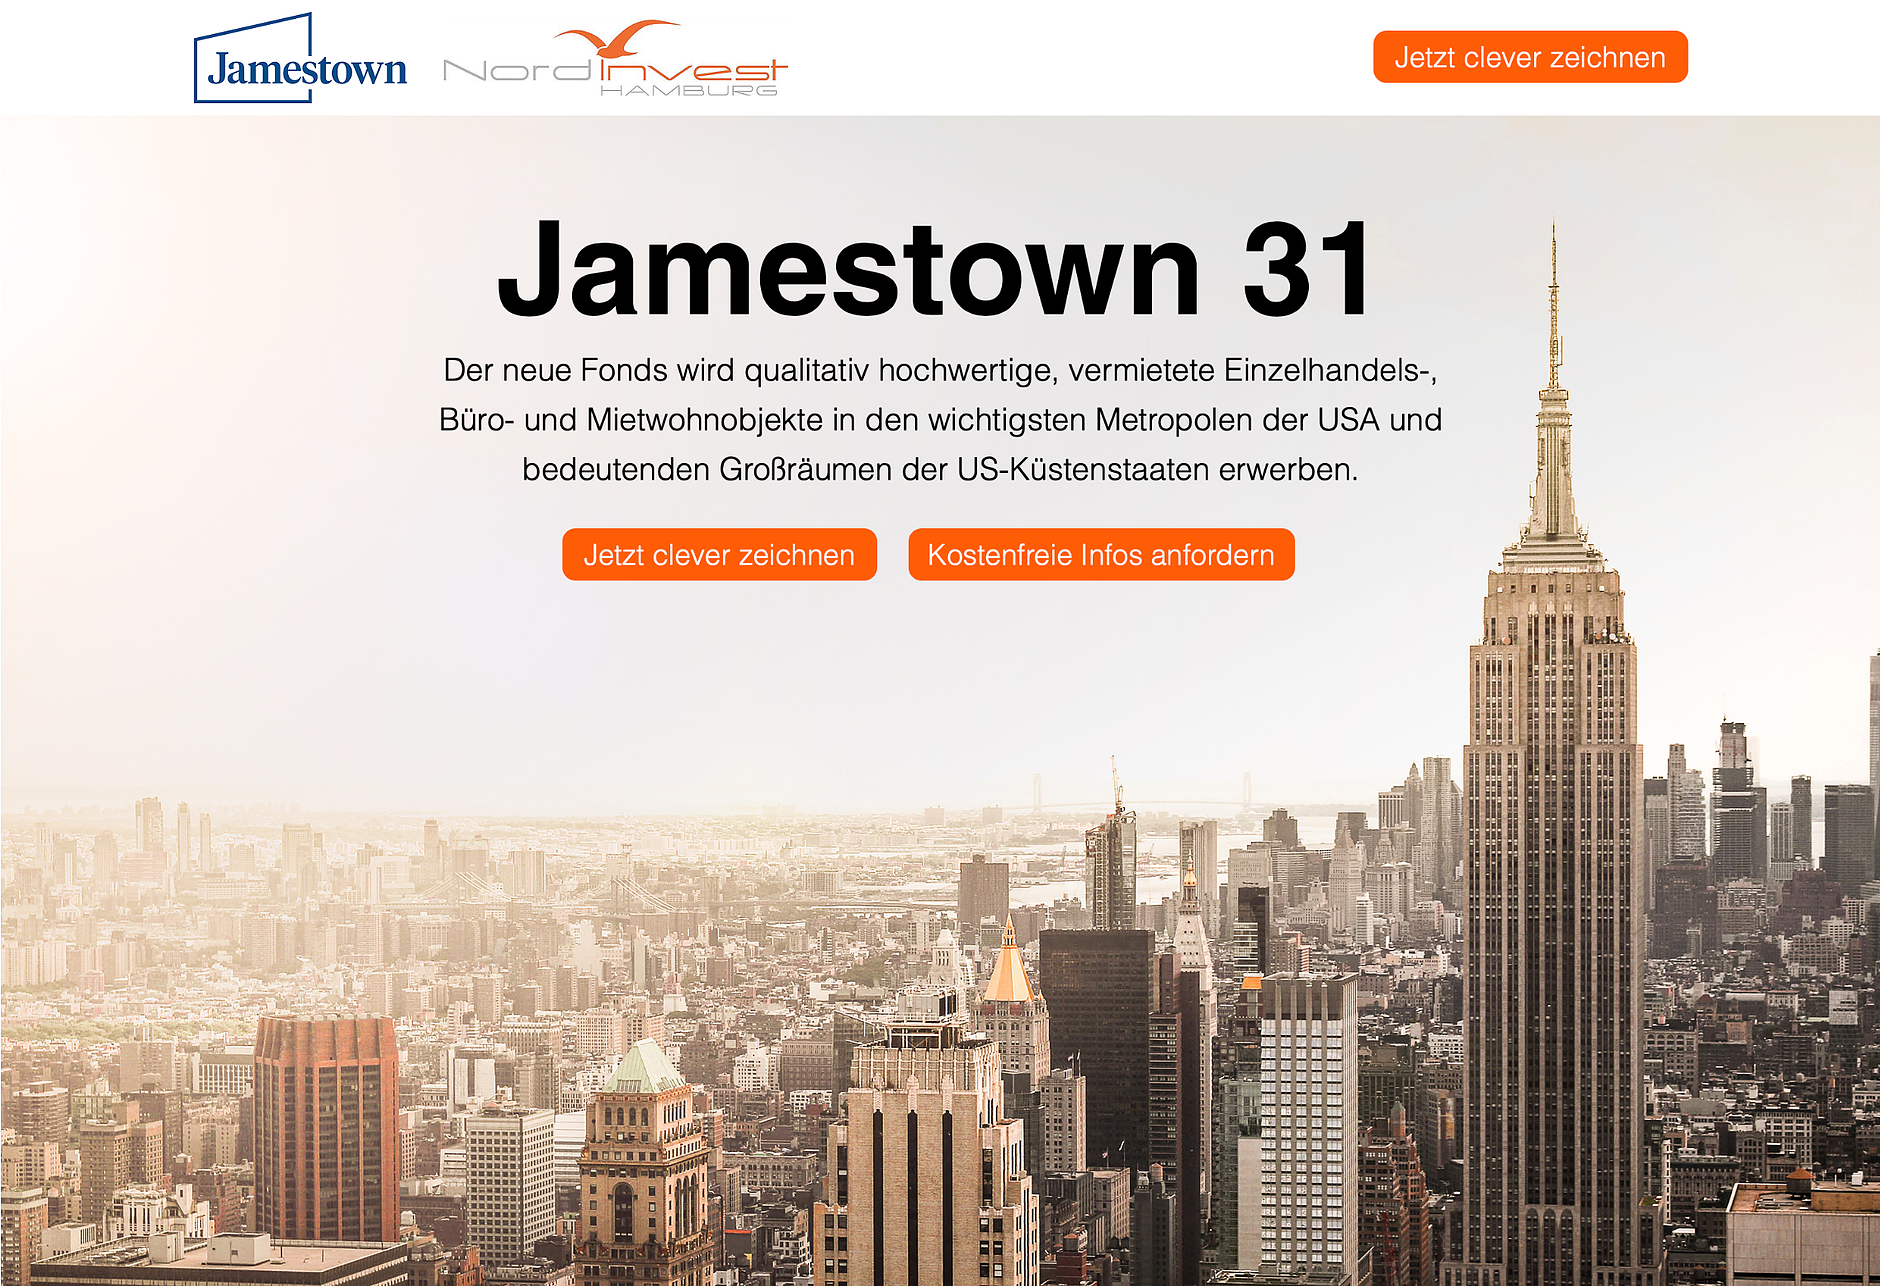 finoro unterstützt seinen langjährigen Partner Nordinvest durch breit aufgelegte digitale Kampagnen. Hier: der Immobilienfonds Jamestown 31 des Marktführers für US-Immobilien.